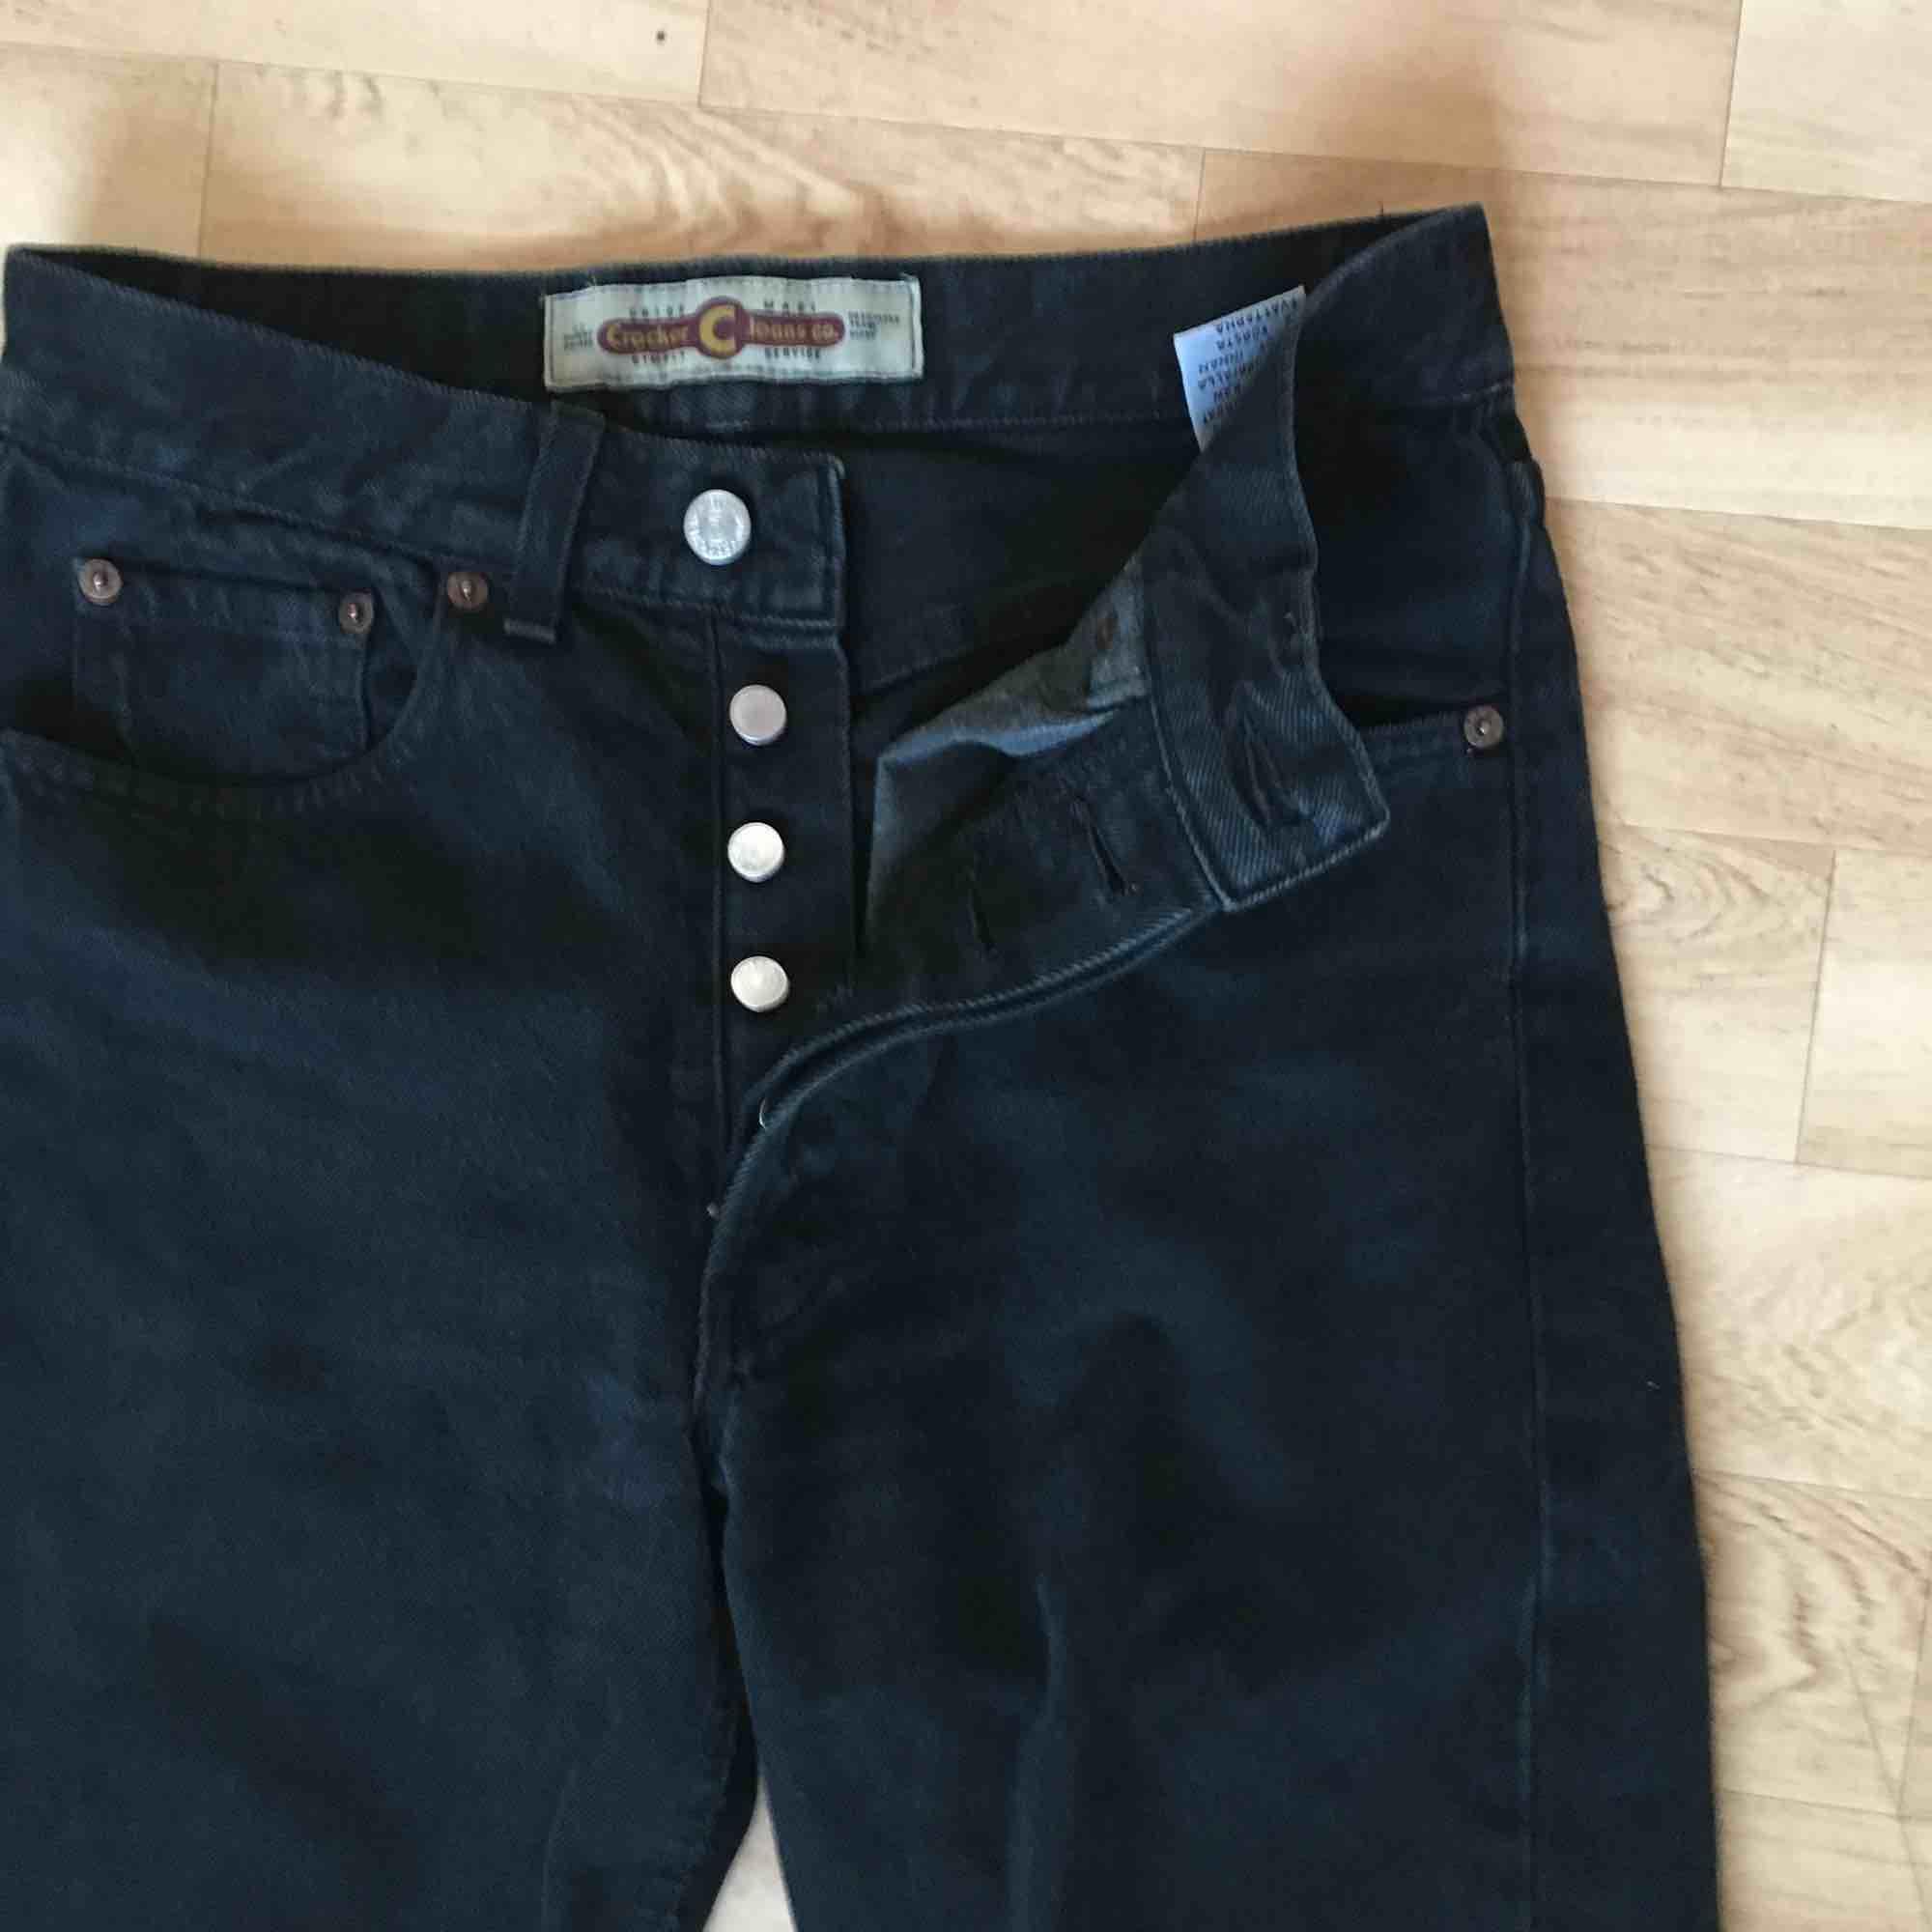 Oldschool avklippta raka jeans från Crocker! Fortfarande lika hela, sydda i riktigt slitstarkt hårt  jeans! Använt de som dadjeans med skärp men har tyvärr blivit lite för stora.. . Jeans & Byxor.